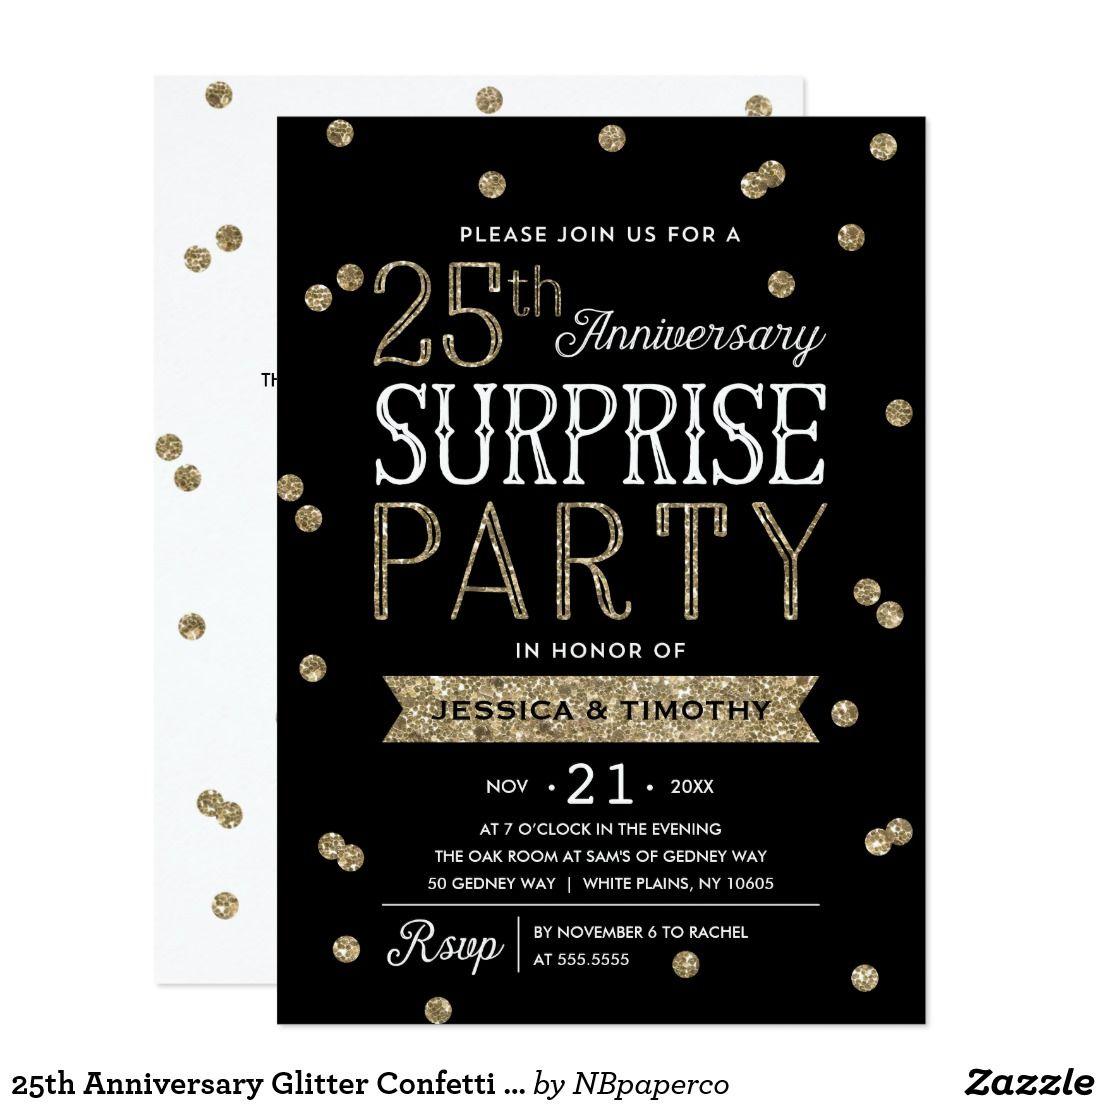 25th Anniversary Glitter Confetti Surprise Party